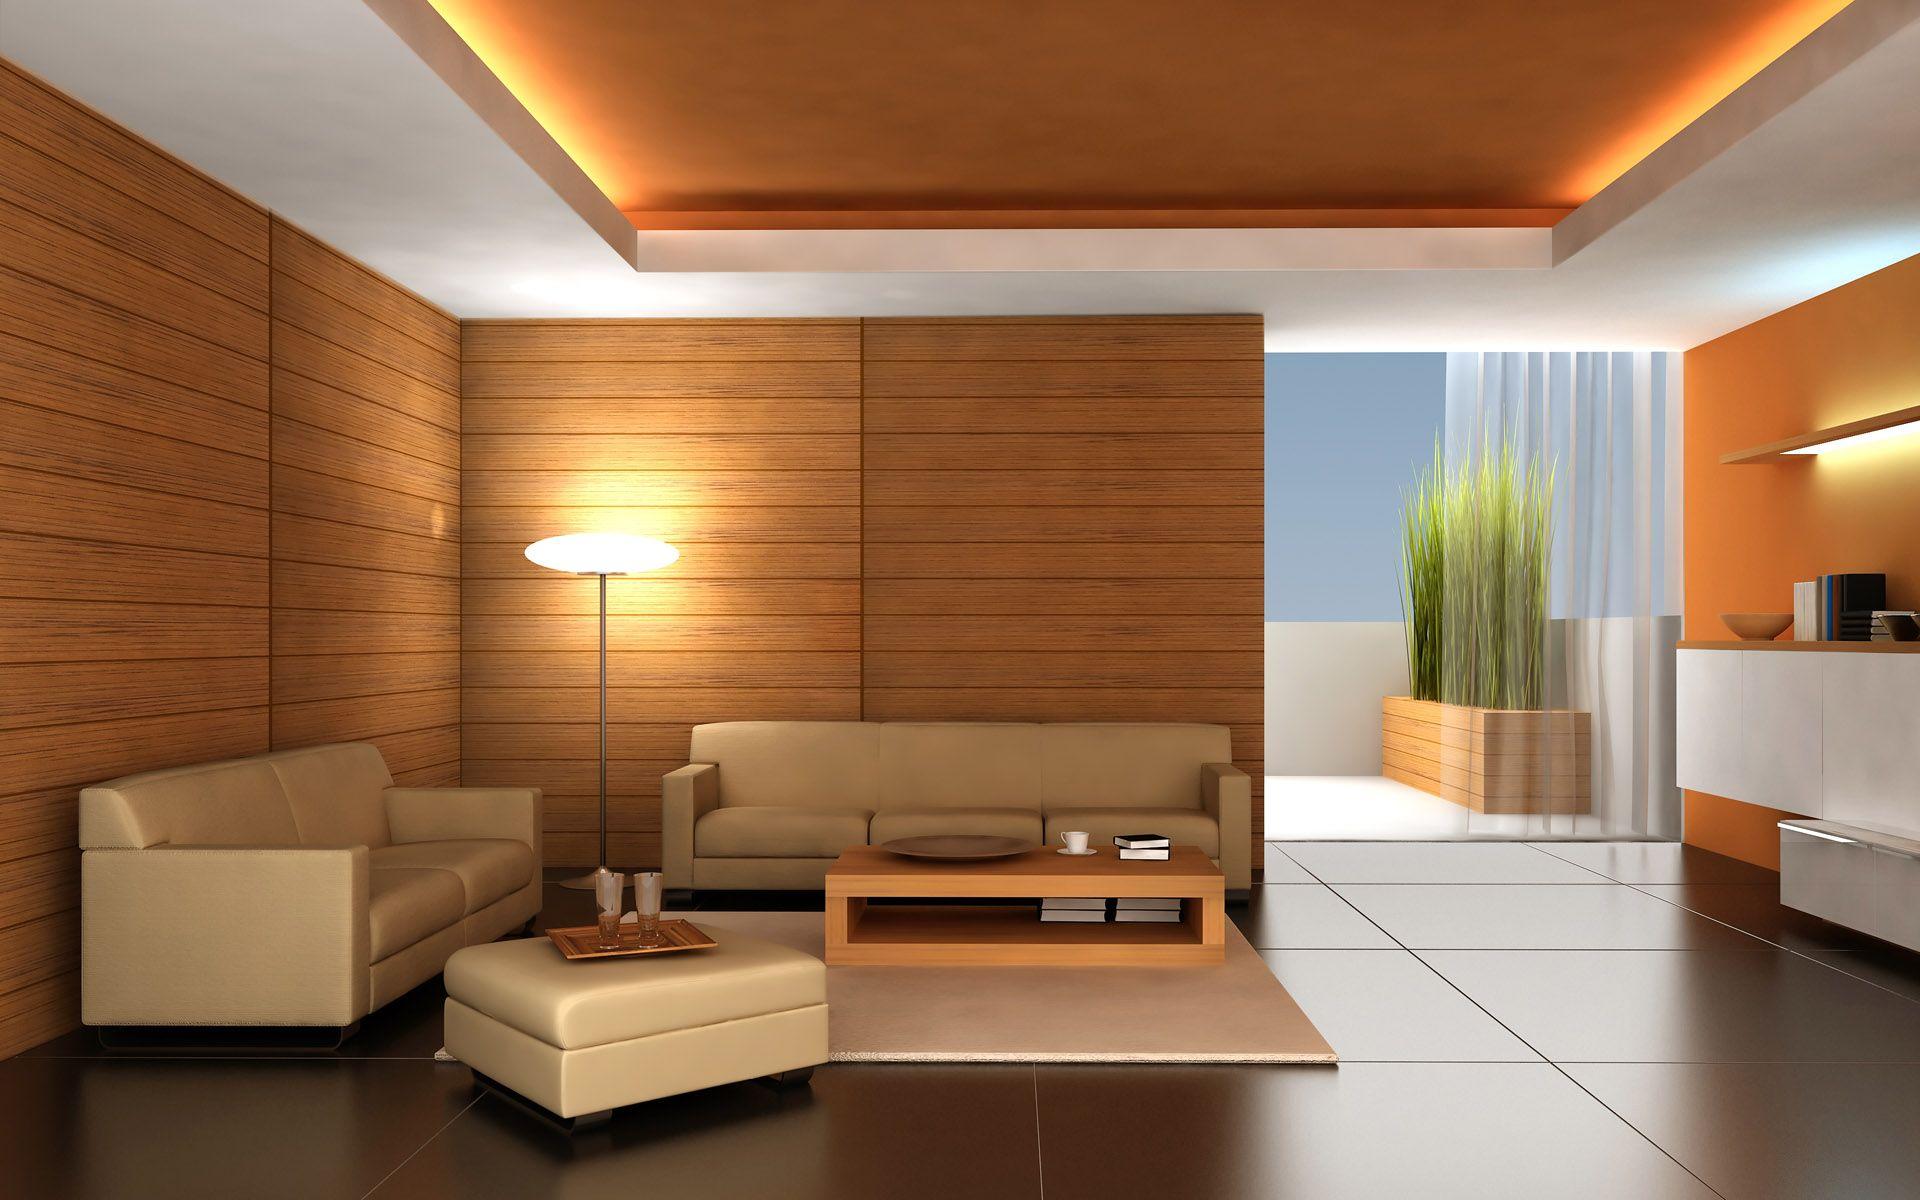 Двухуровневый натяжной потолок, выполненный в ткани немецкой марки Descor белого и оранжевого цвета и светодиодной подсветкой